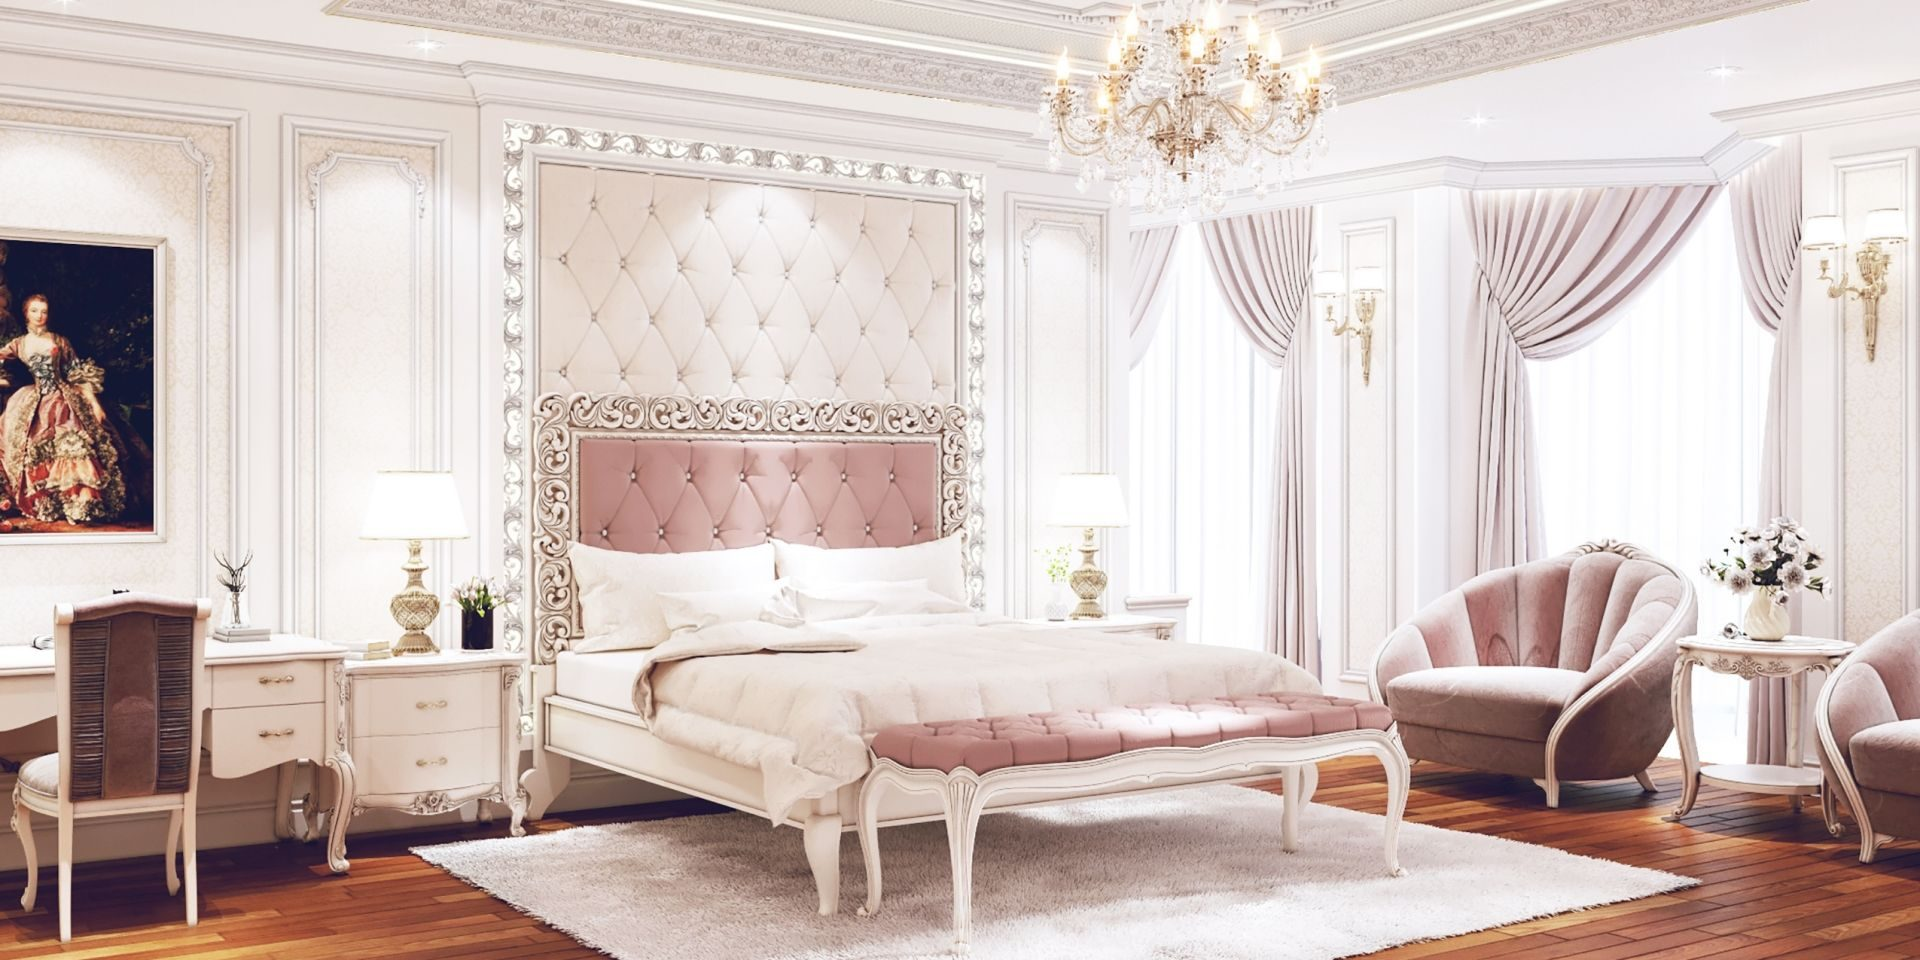 Những gam màu trong thiết kế nội thất phòng ngủ quyết định đến tính thẩm mỹ của toàn bộ không gian căn phòng